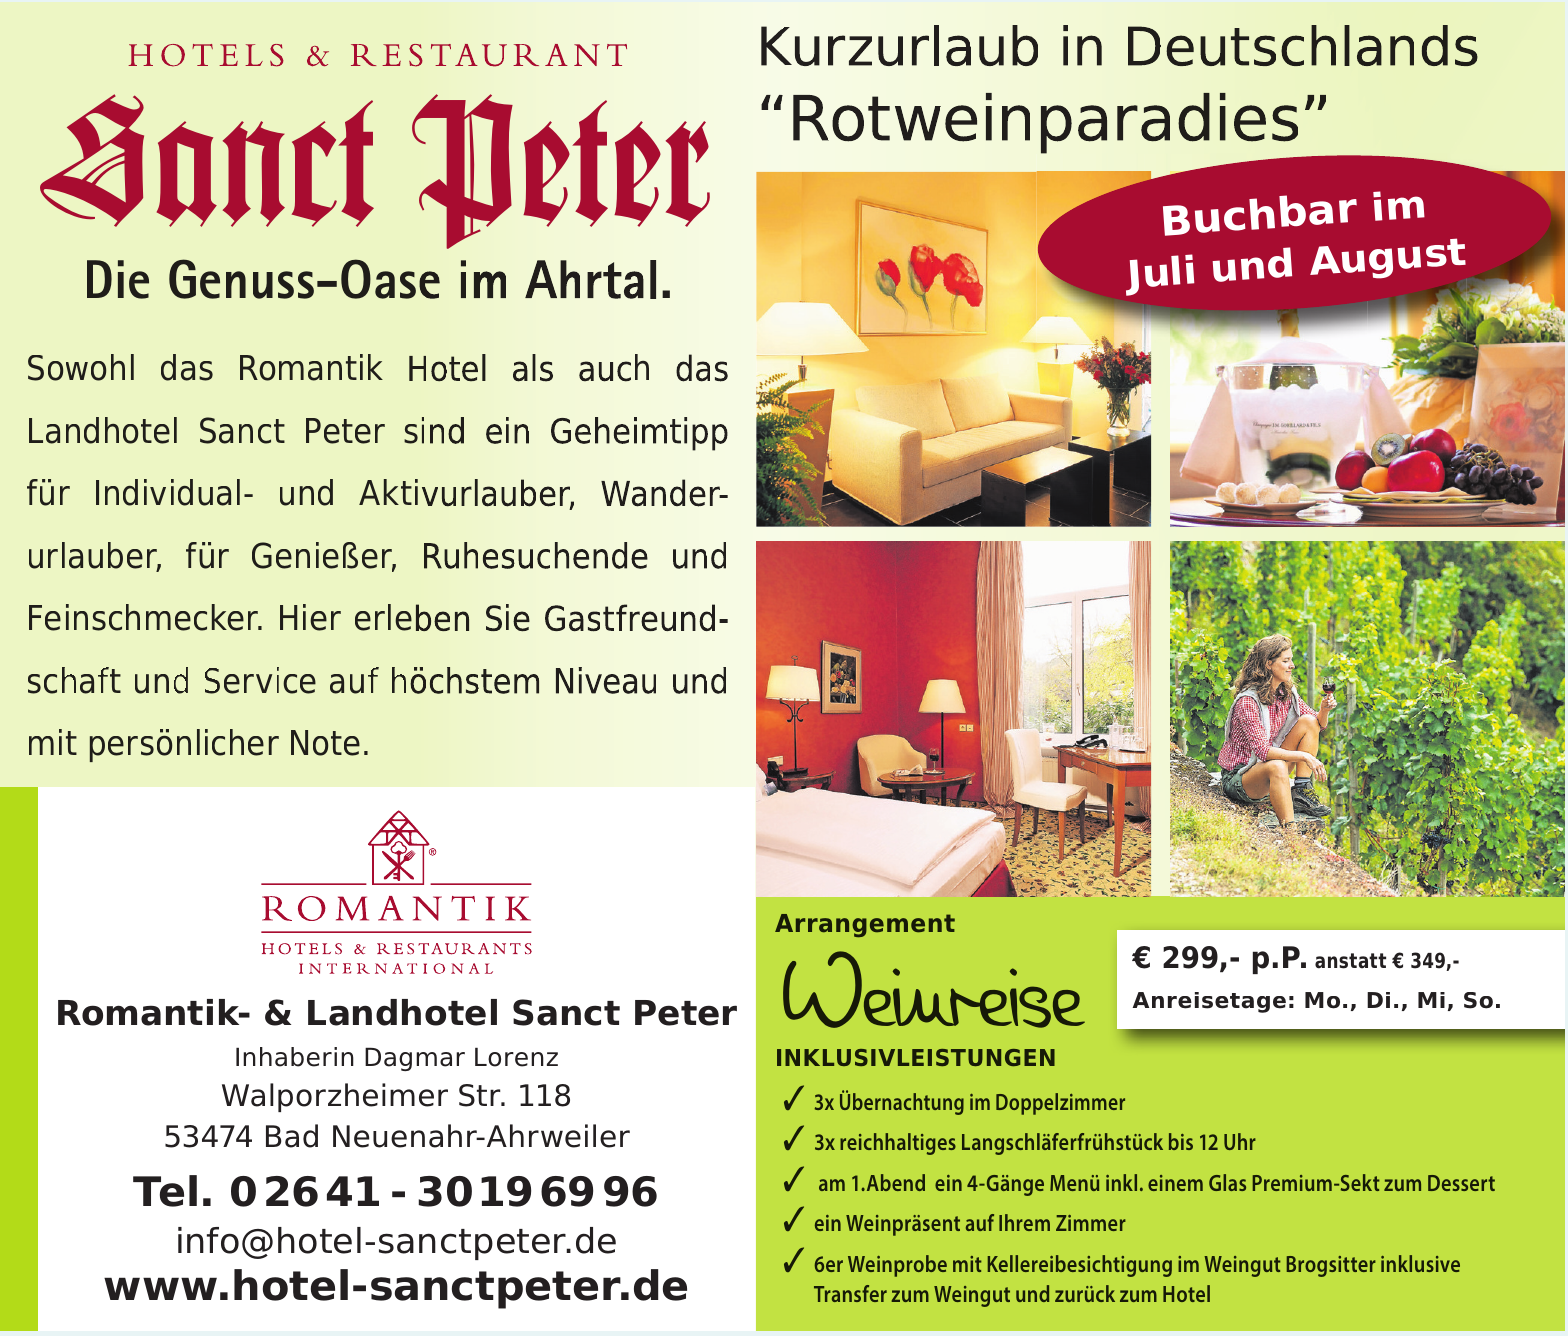 Romantik- & Landhotel Sanct Peter